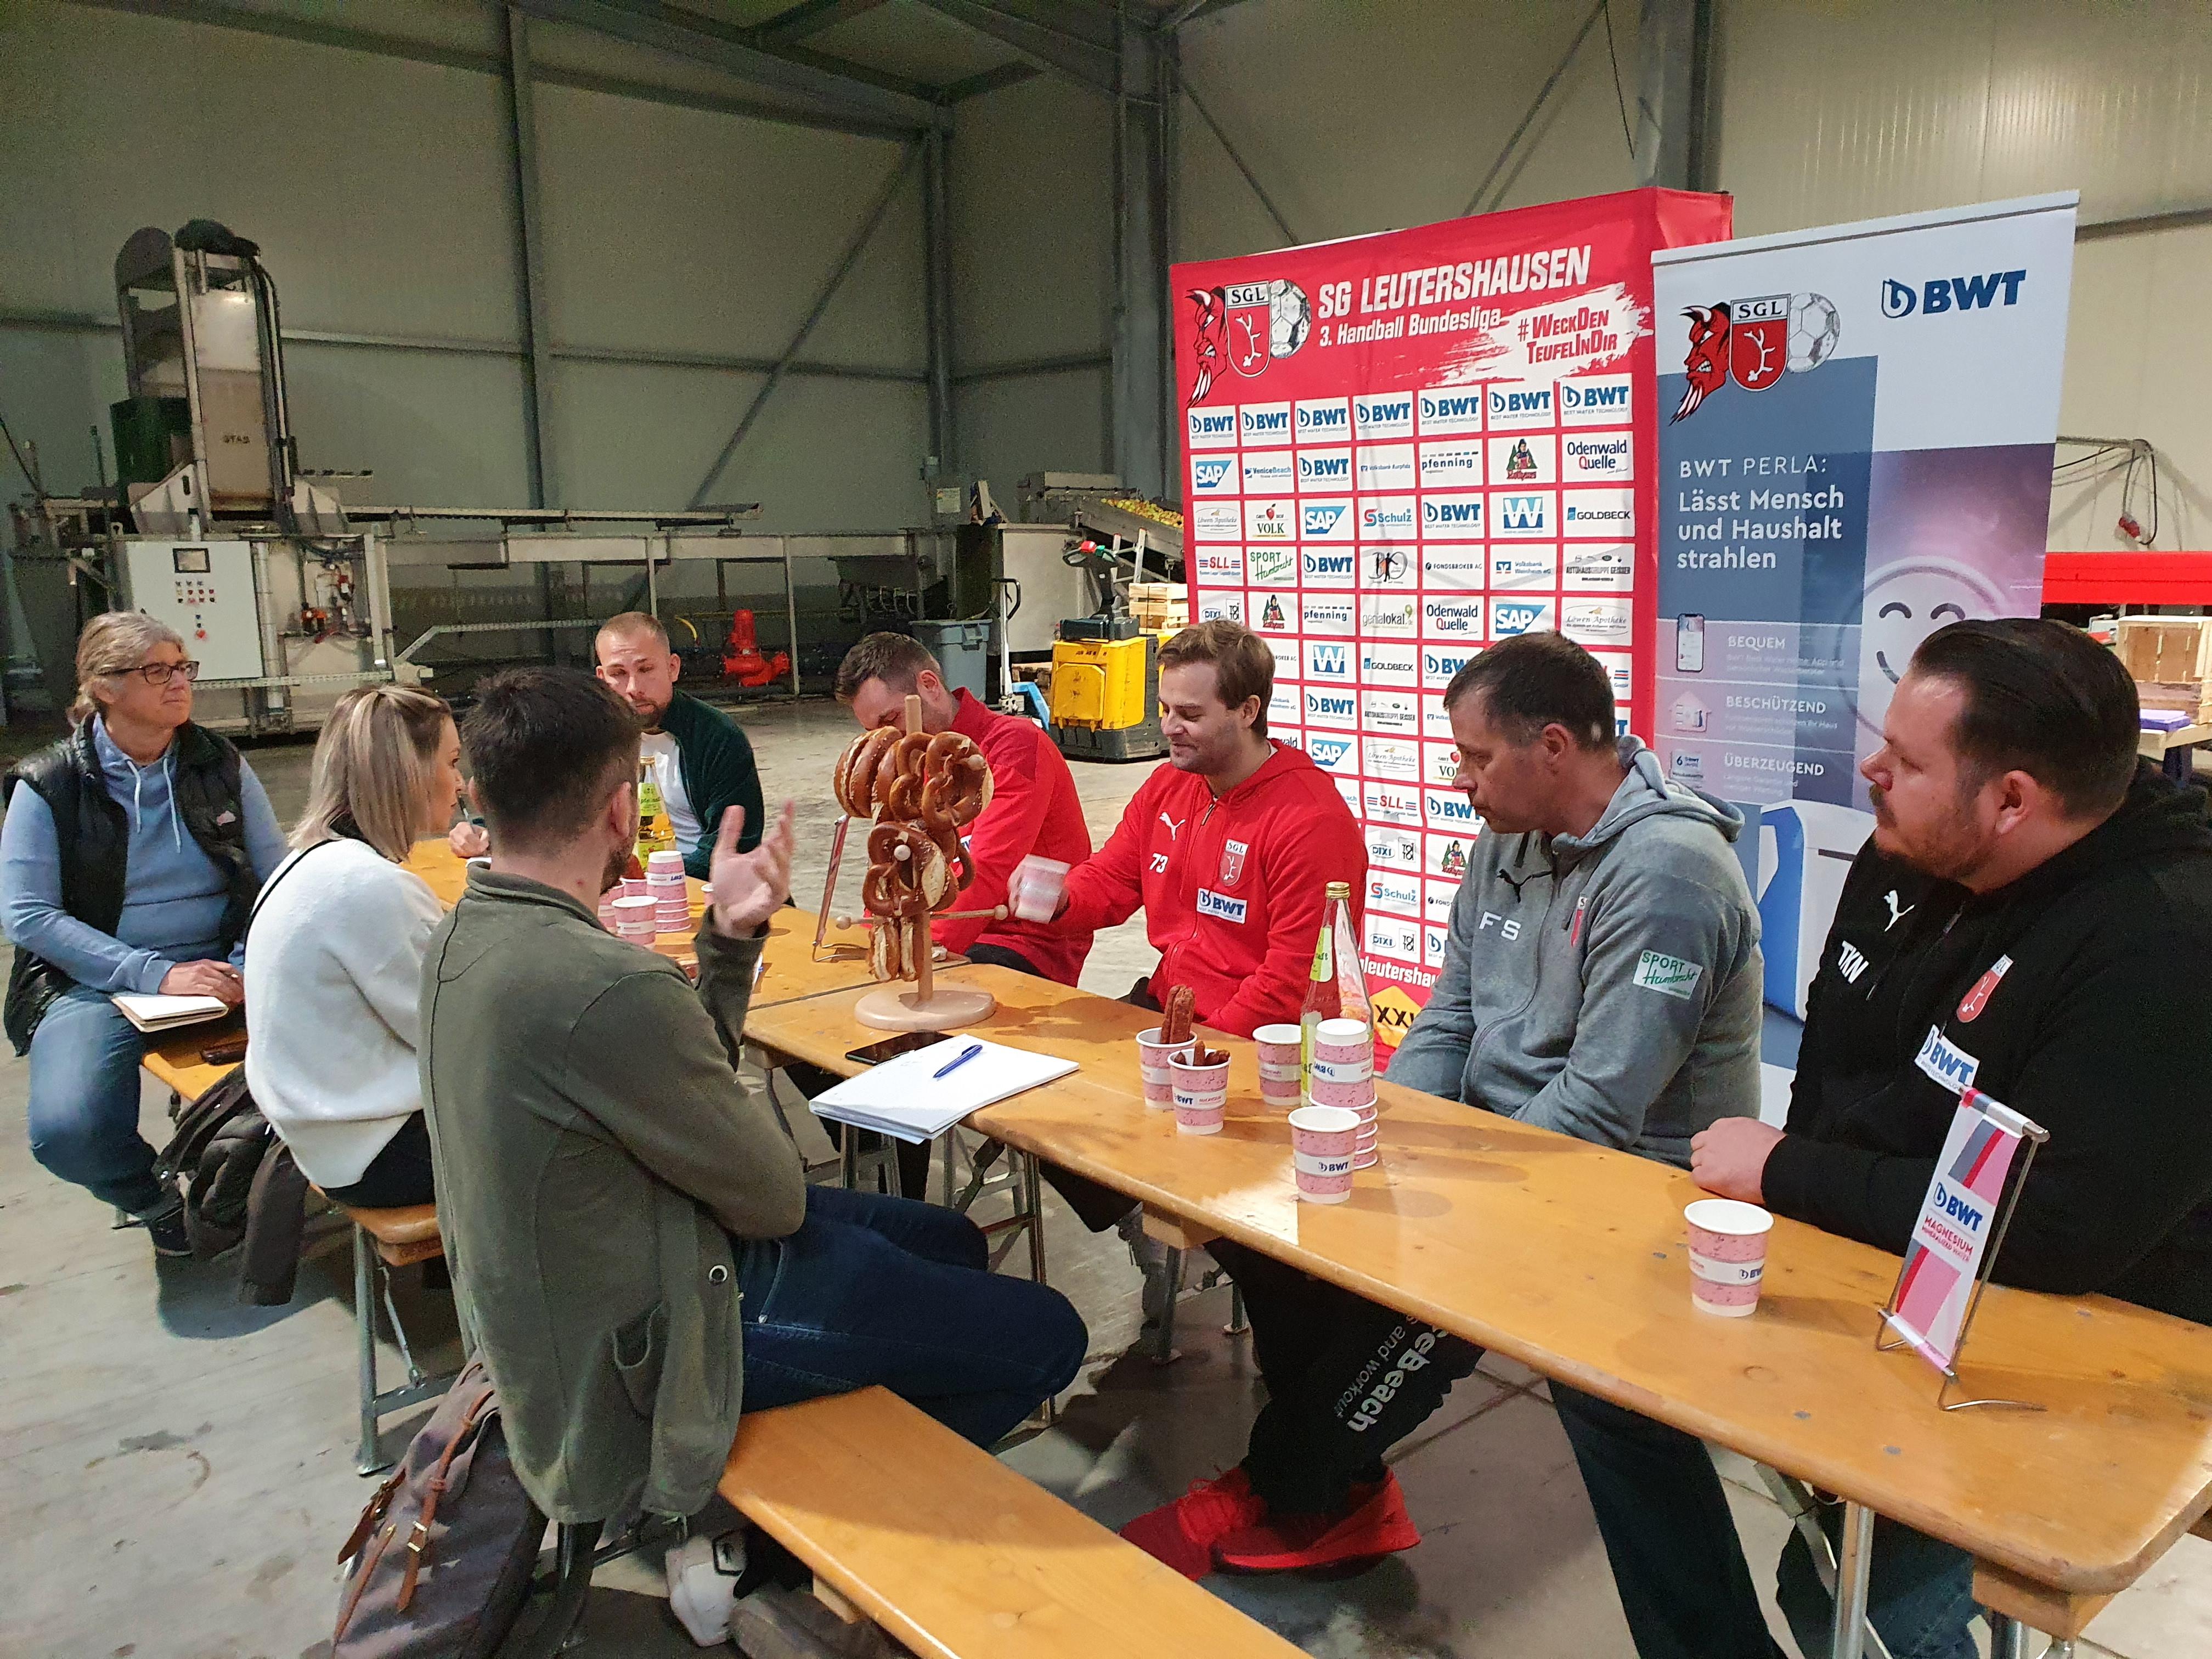 Die SG Leutershausen veranstaltete einen Medien-Tag.